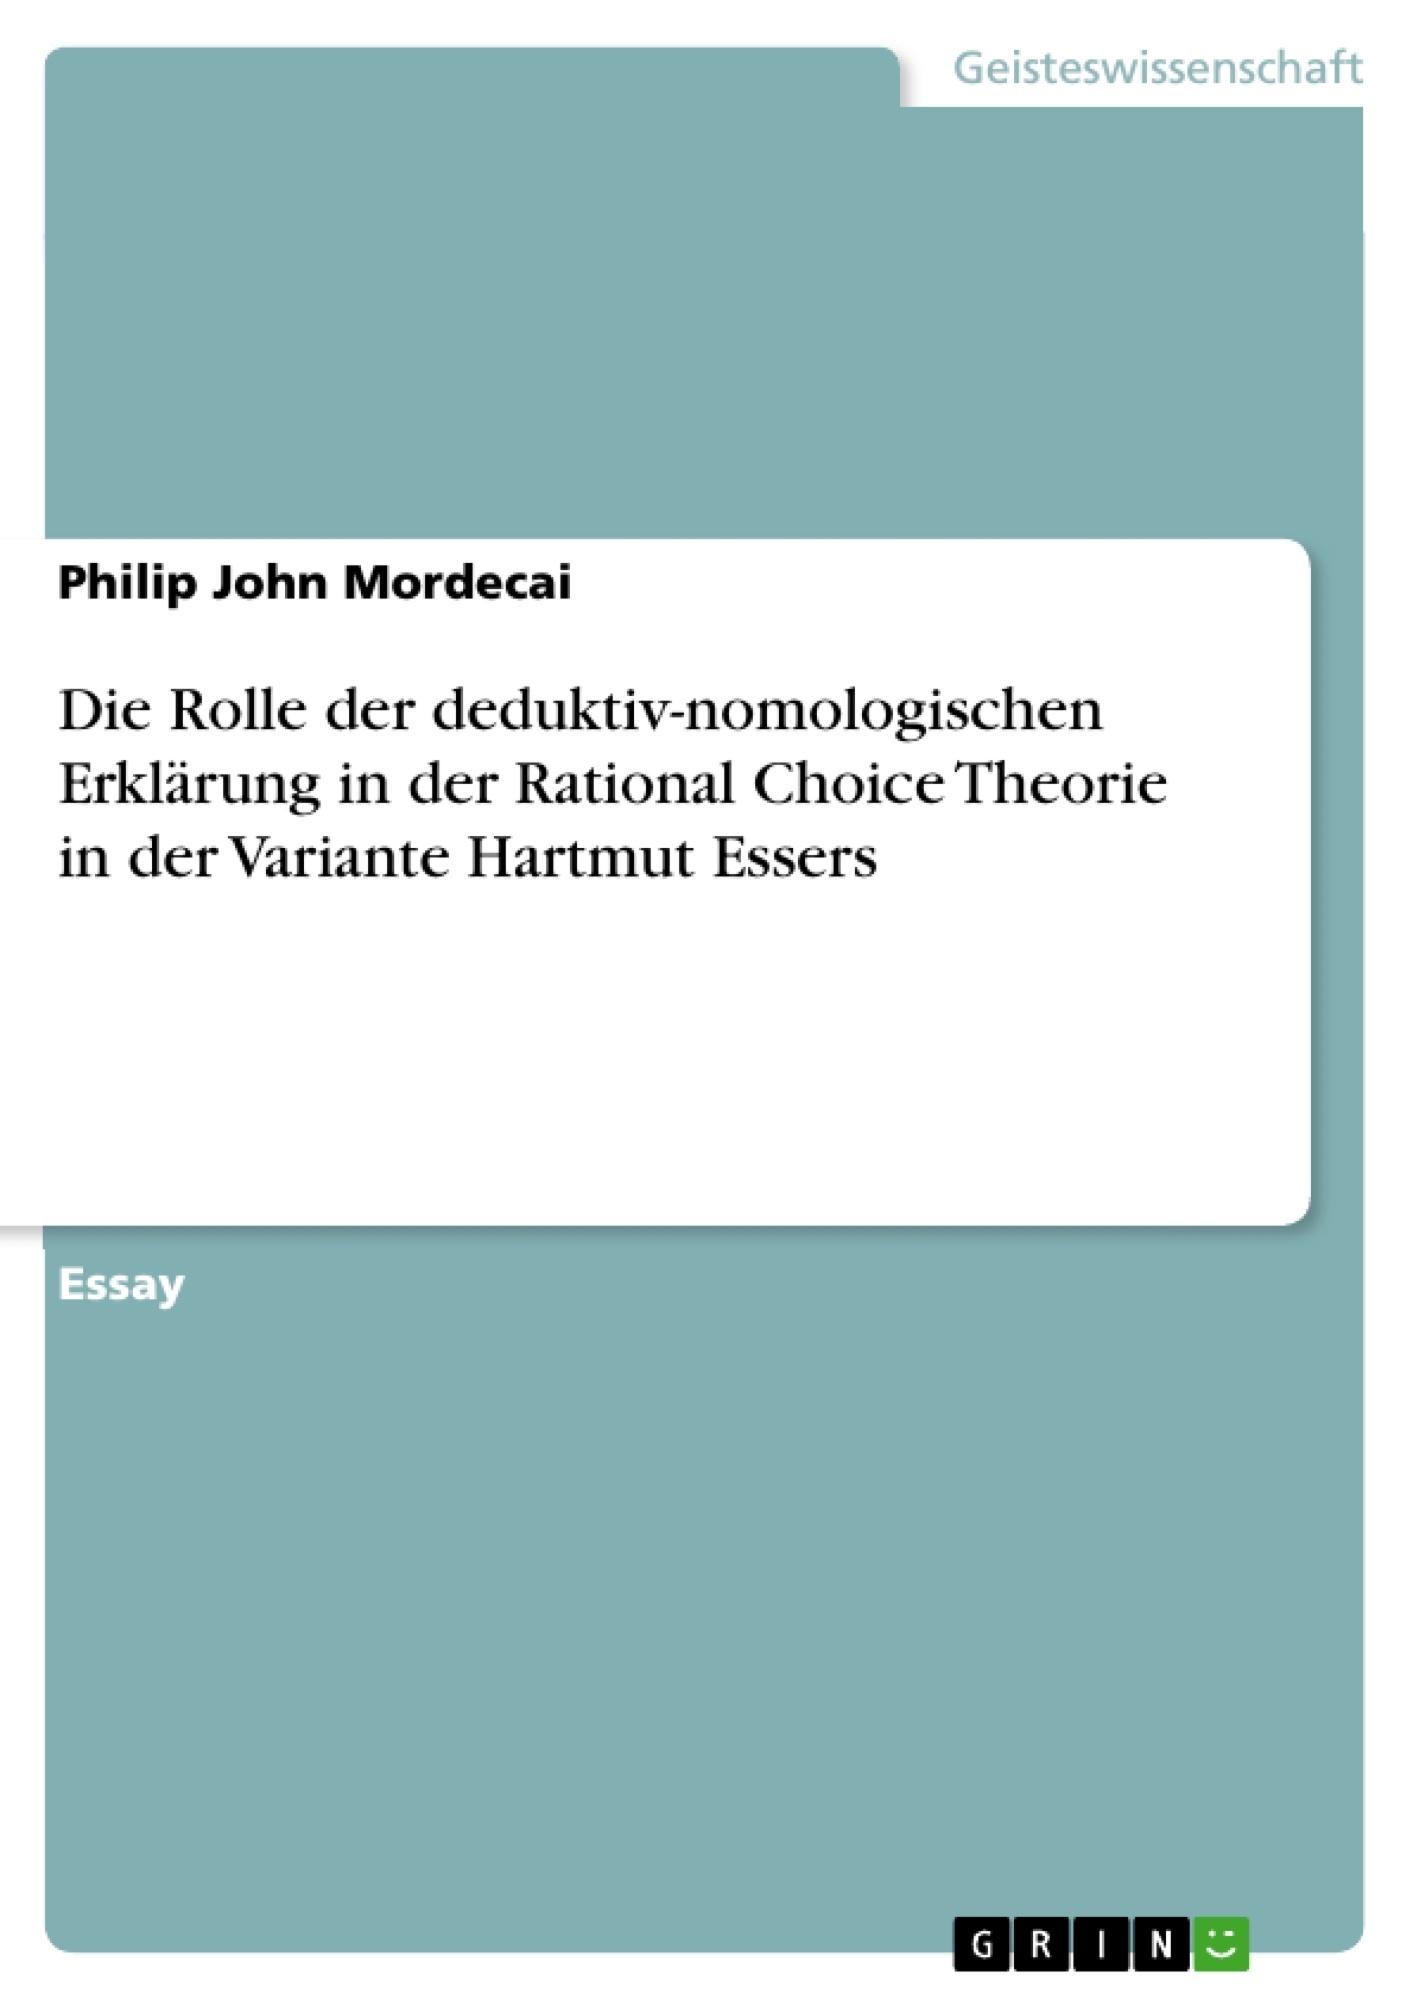 Titel: Die Rolle der deduktiv-nomologischen Erklärung in der Rational Choice Theorie in der Variante Hartmut Essers